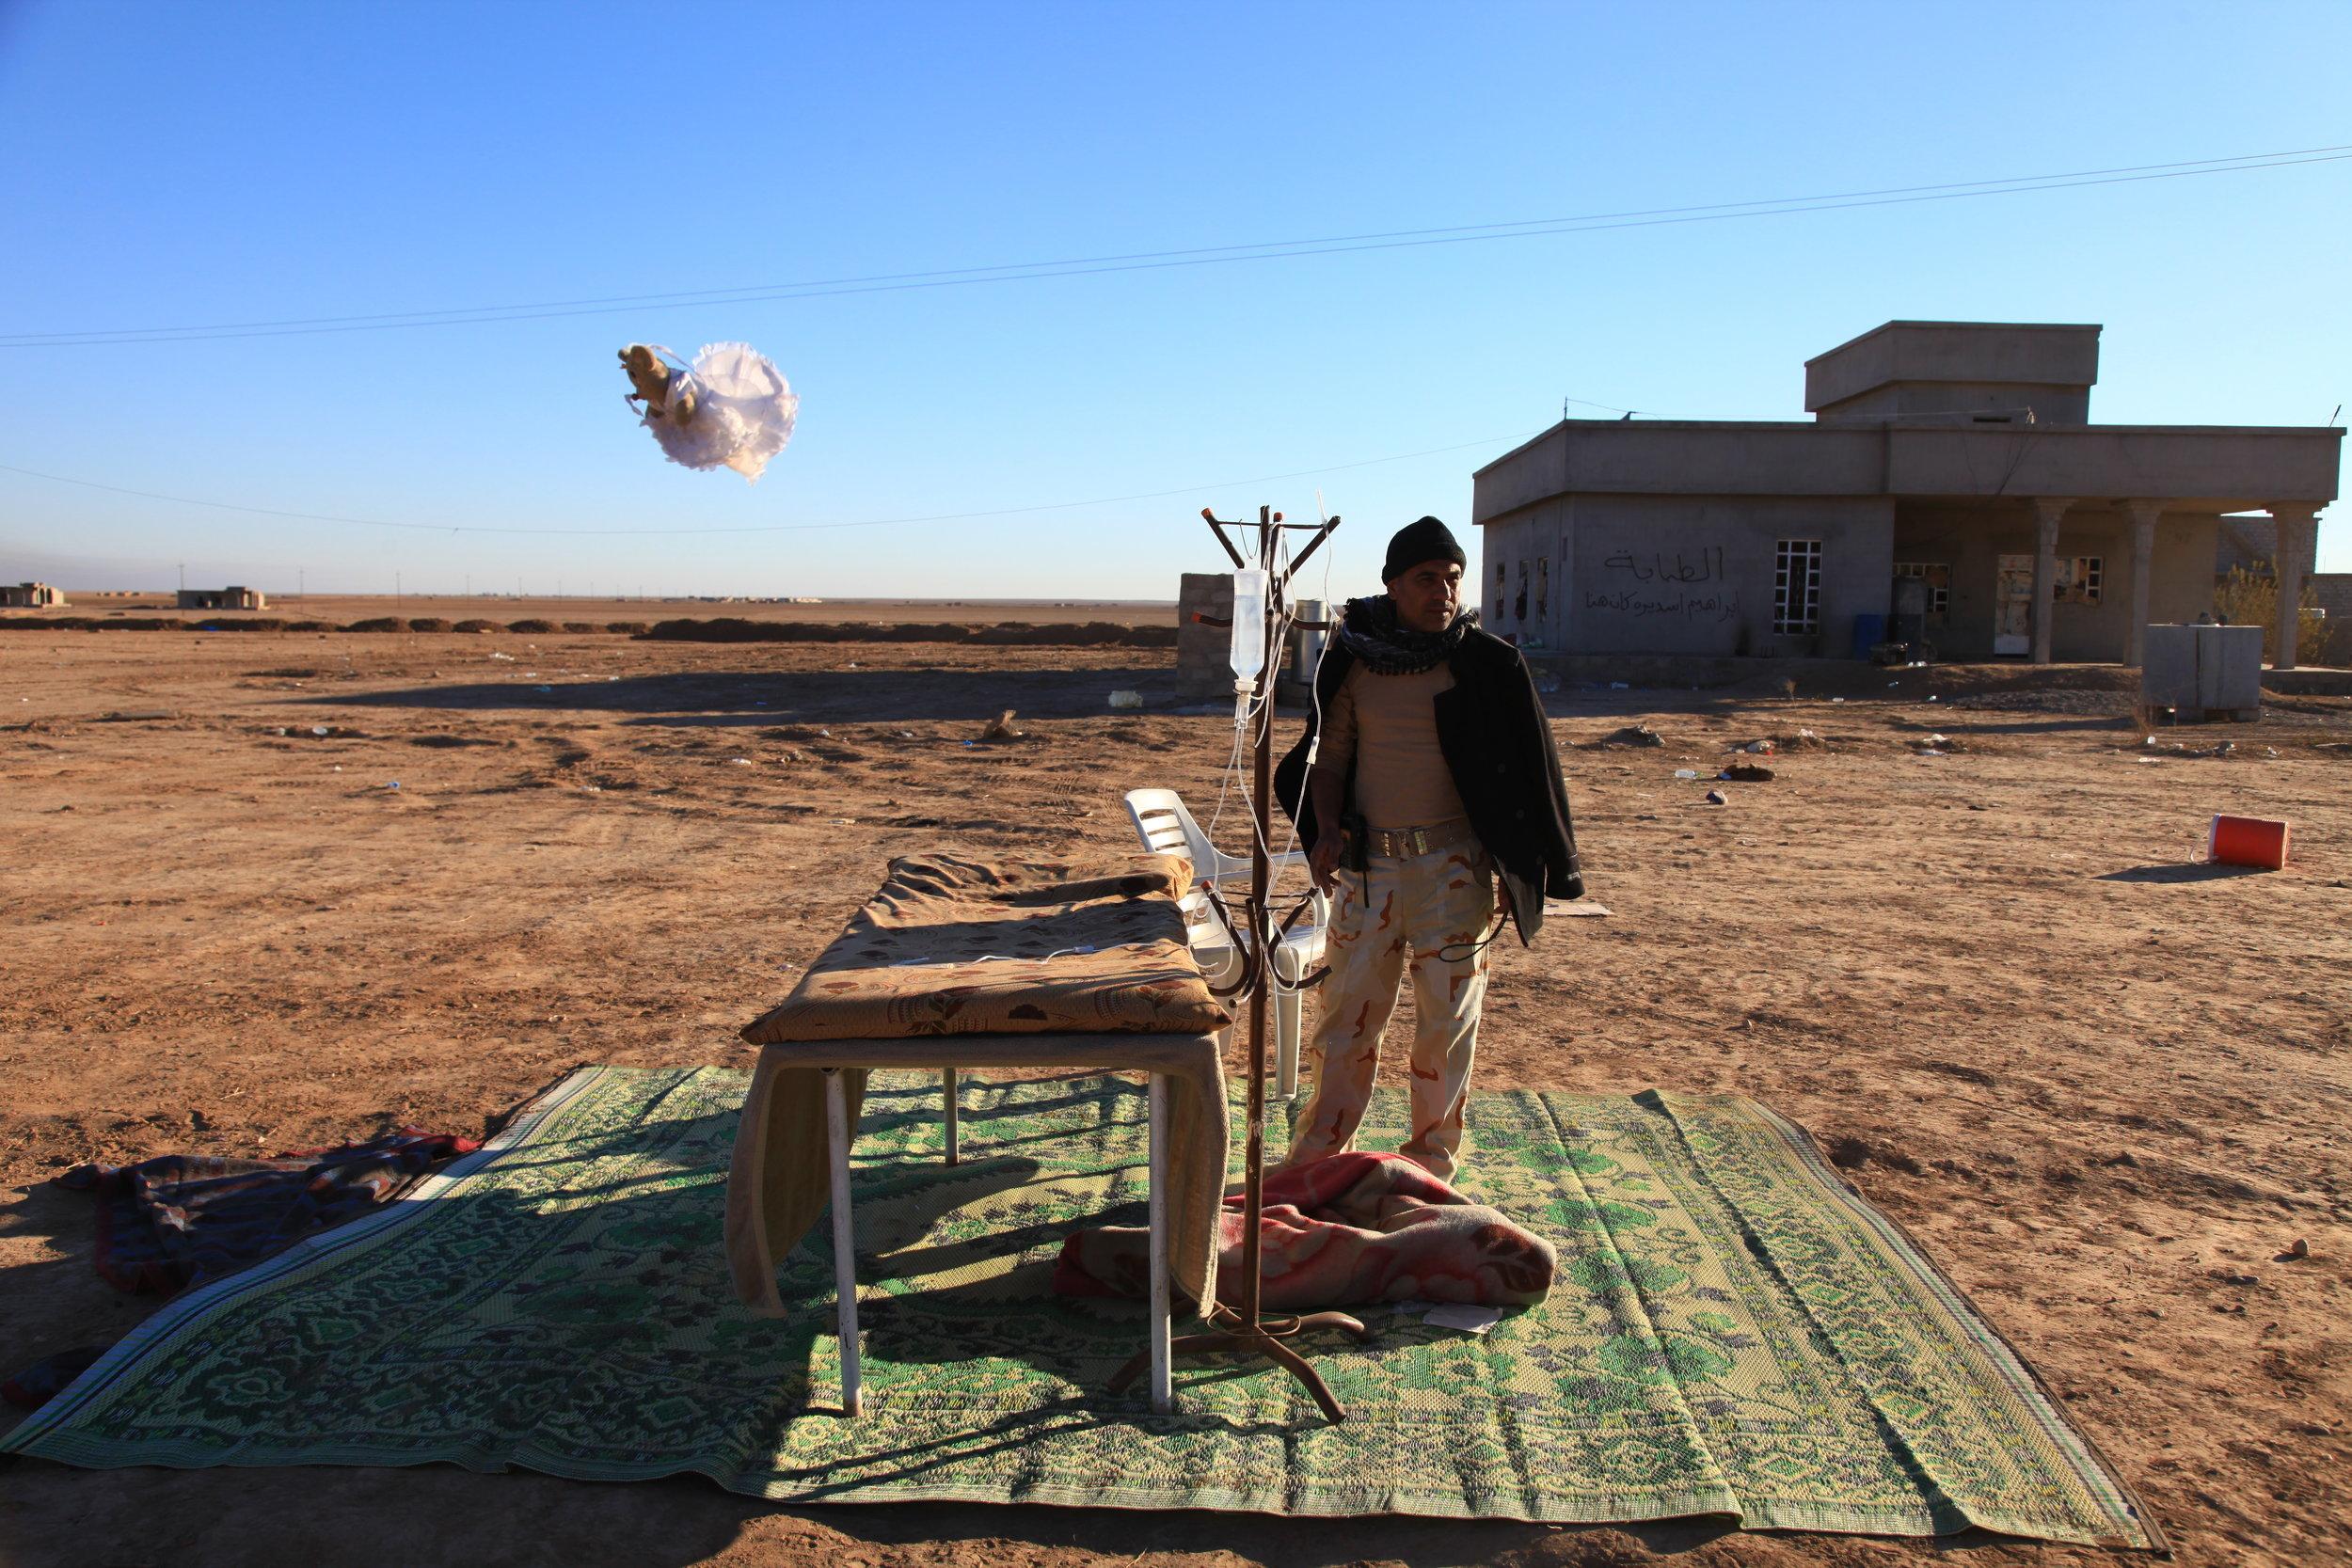 Krankenbett in der Wüste